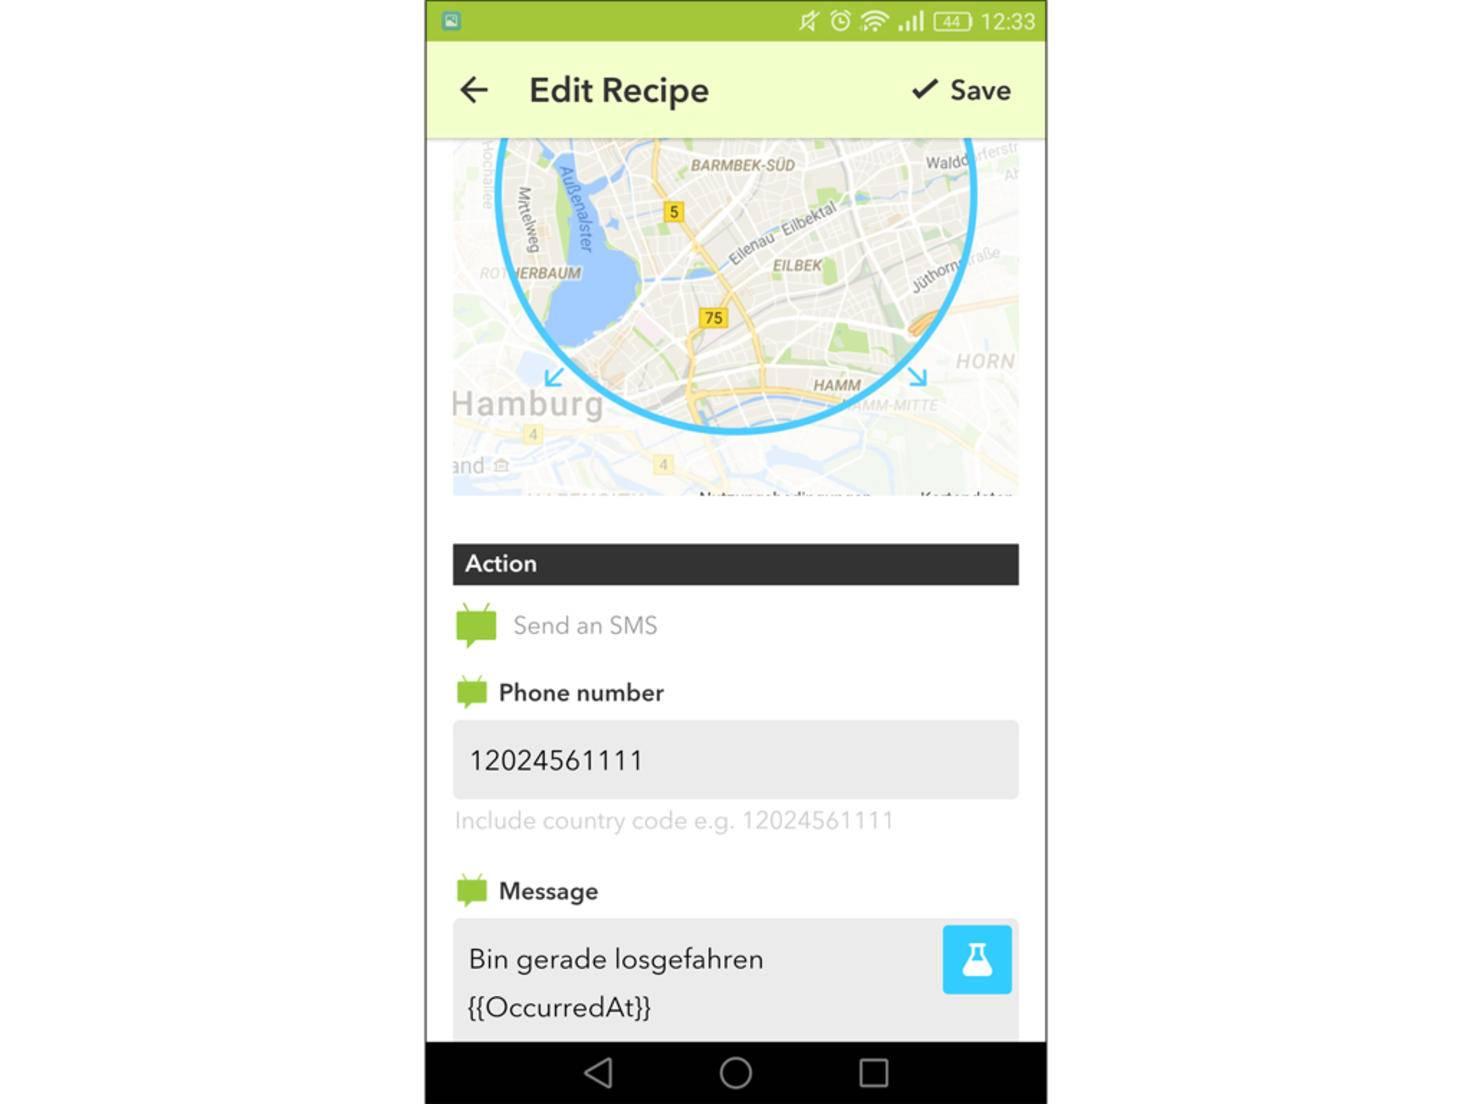 lass die App Deinem Partner eine Nachricht schreiben, dass Du jetzt Feierabend hast.